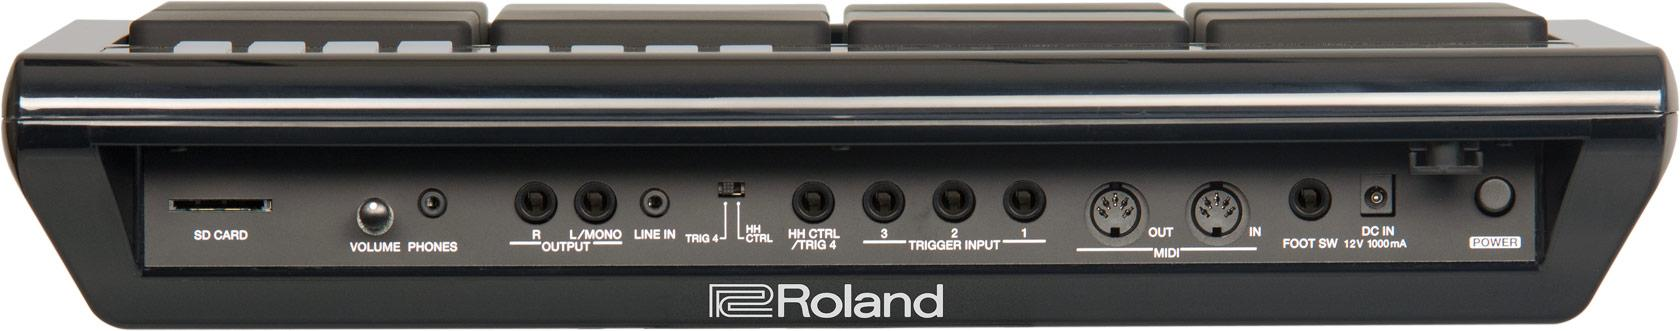 Bộ trống điện Roland SPD-20X Chính Hãng, New 100%